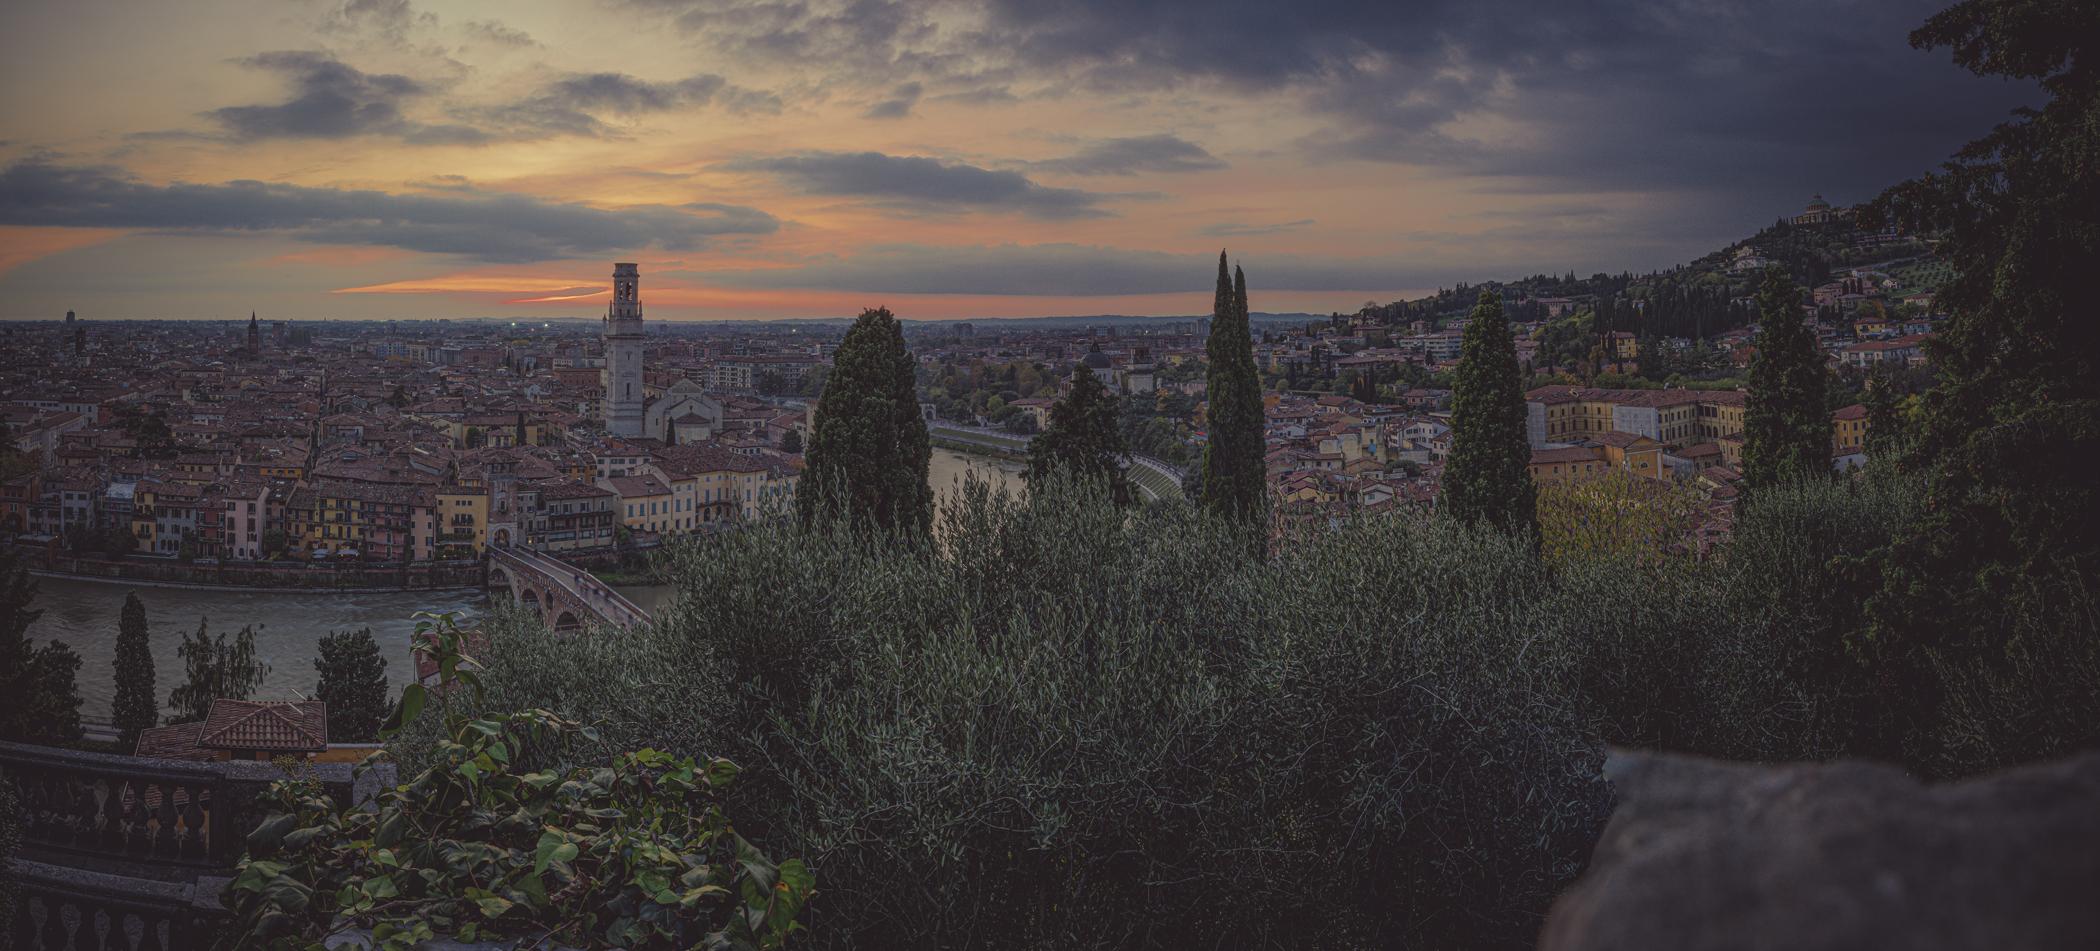 verona 4.1 - Verona (VR)